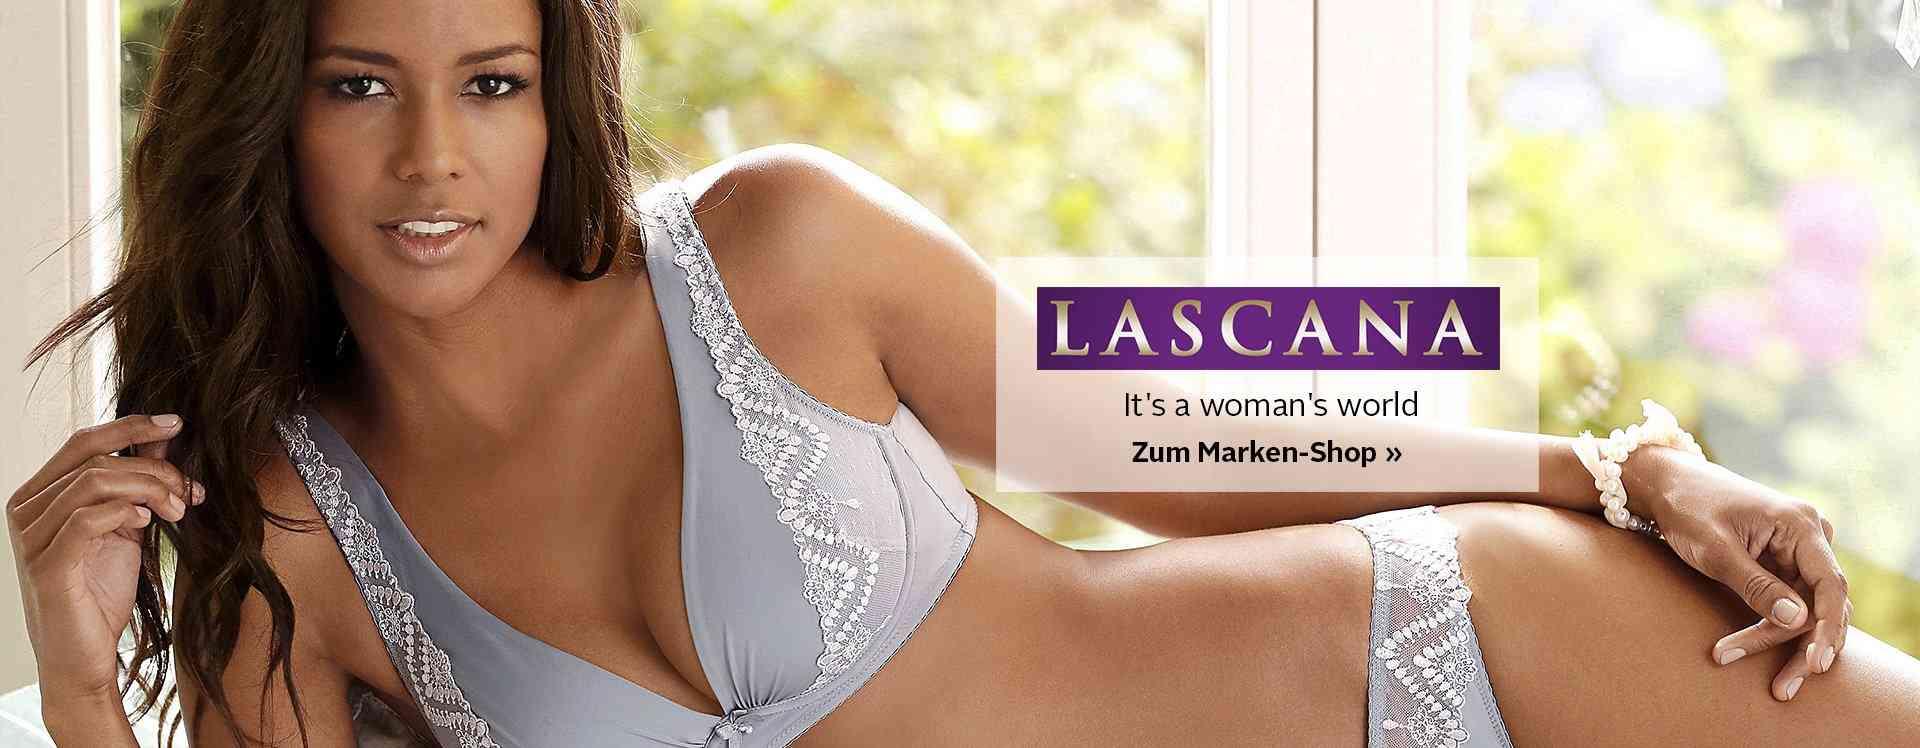 Wäsche, Dessous und Bademode von LASCANA. Entdecken Sie verführerische und elegante Unterwäsche von LASCANA.